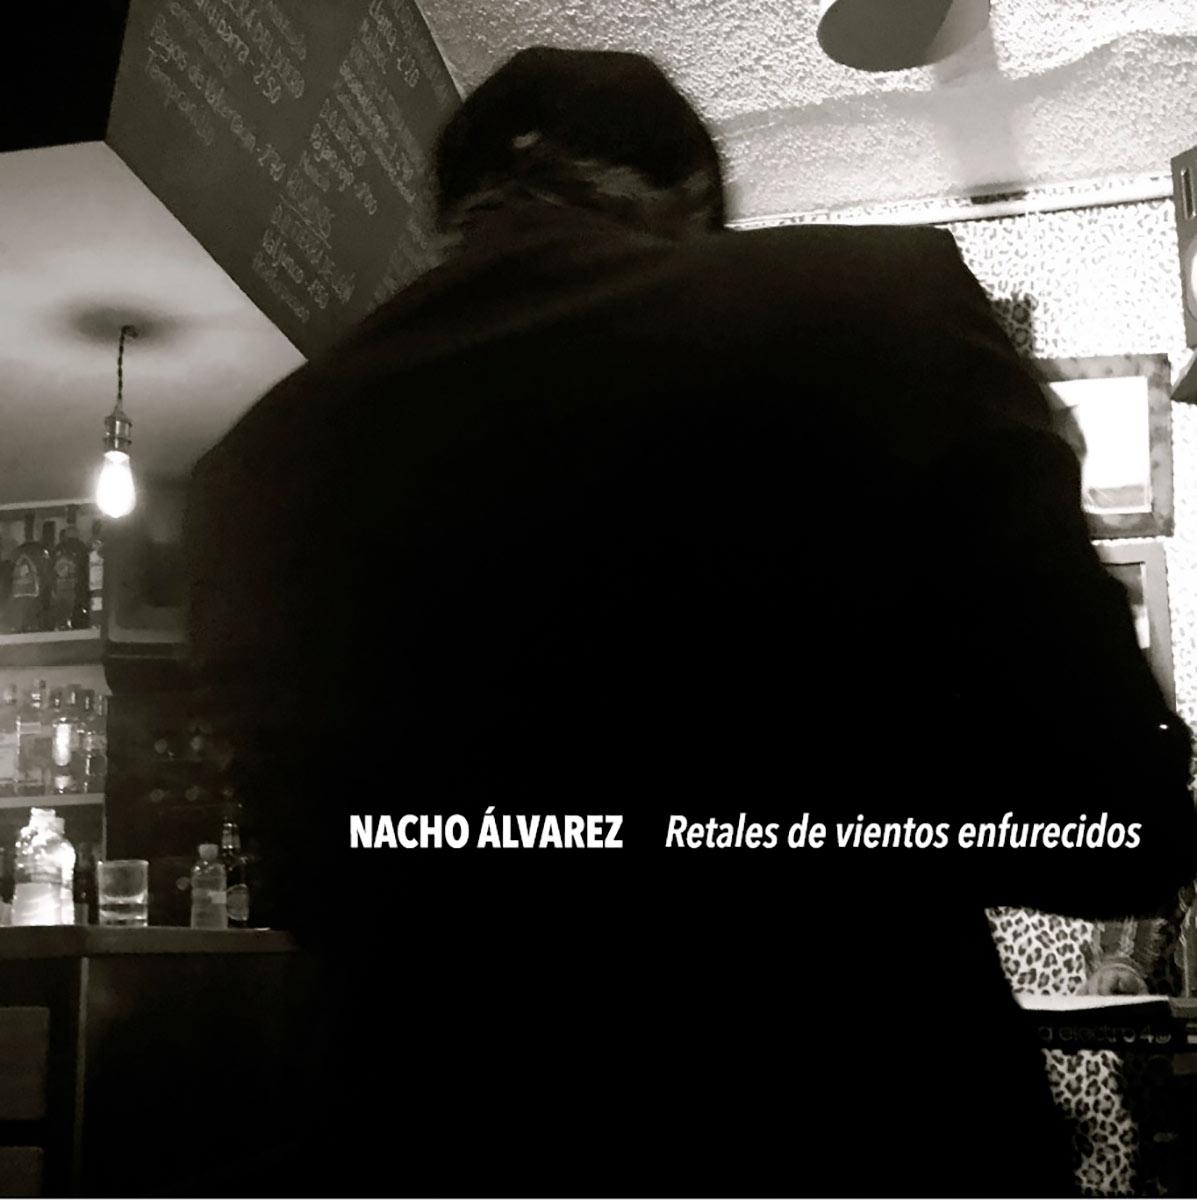 Nacho Álvarez, retales de vientos enfurecidos